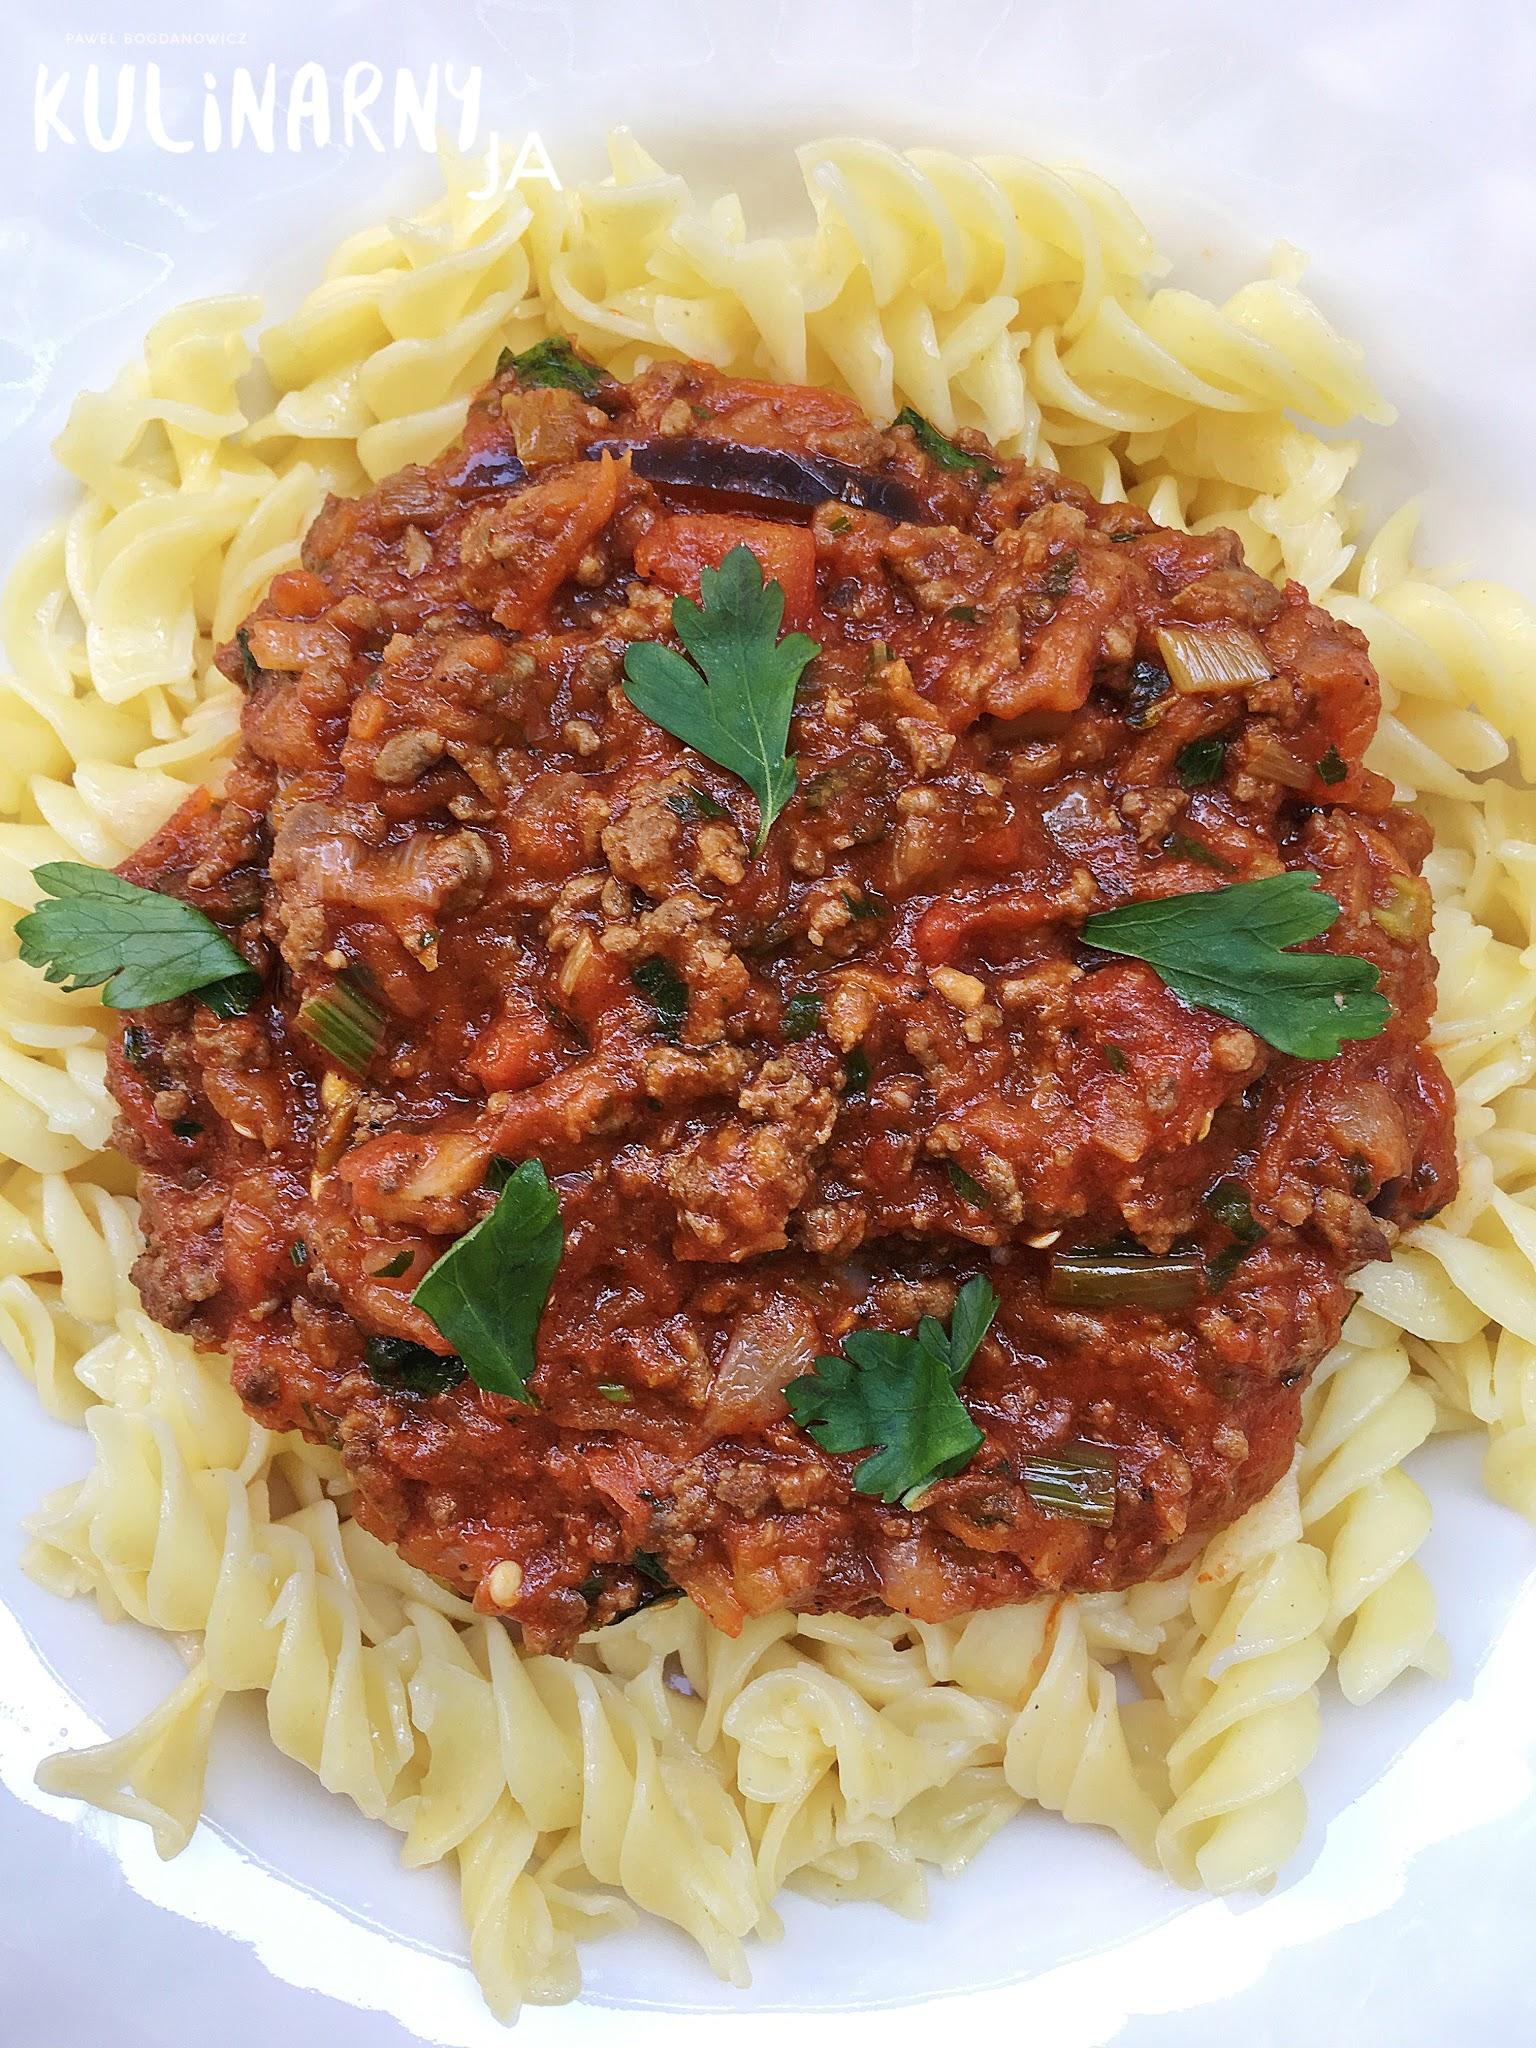 Makaron w sosie pomidorowym z wołowiną i bakłażanem